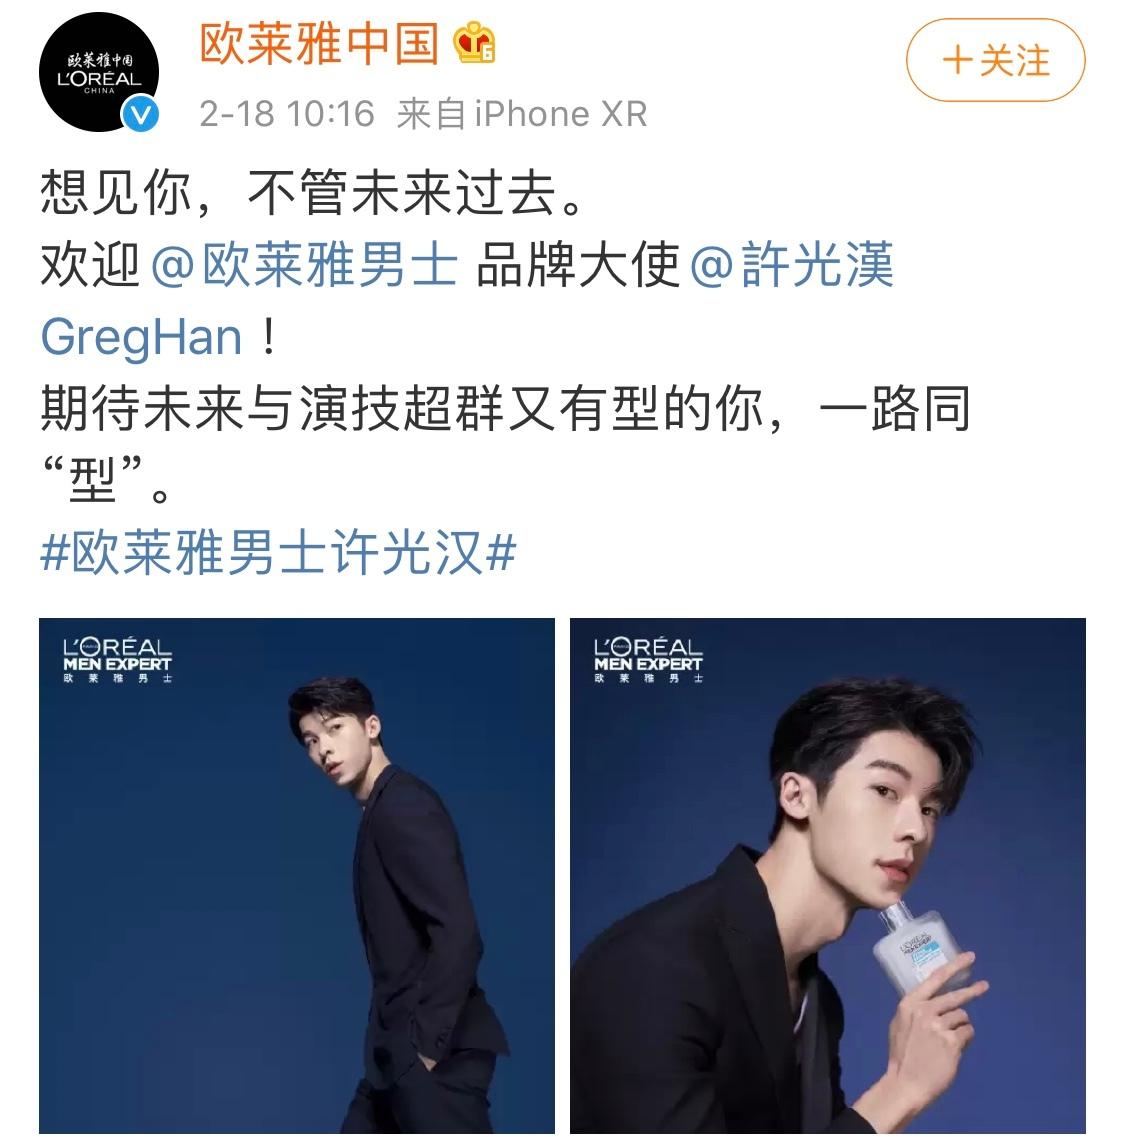 欧莱雅中国今日官宣: 成为欧莱雅男士品牌大使。